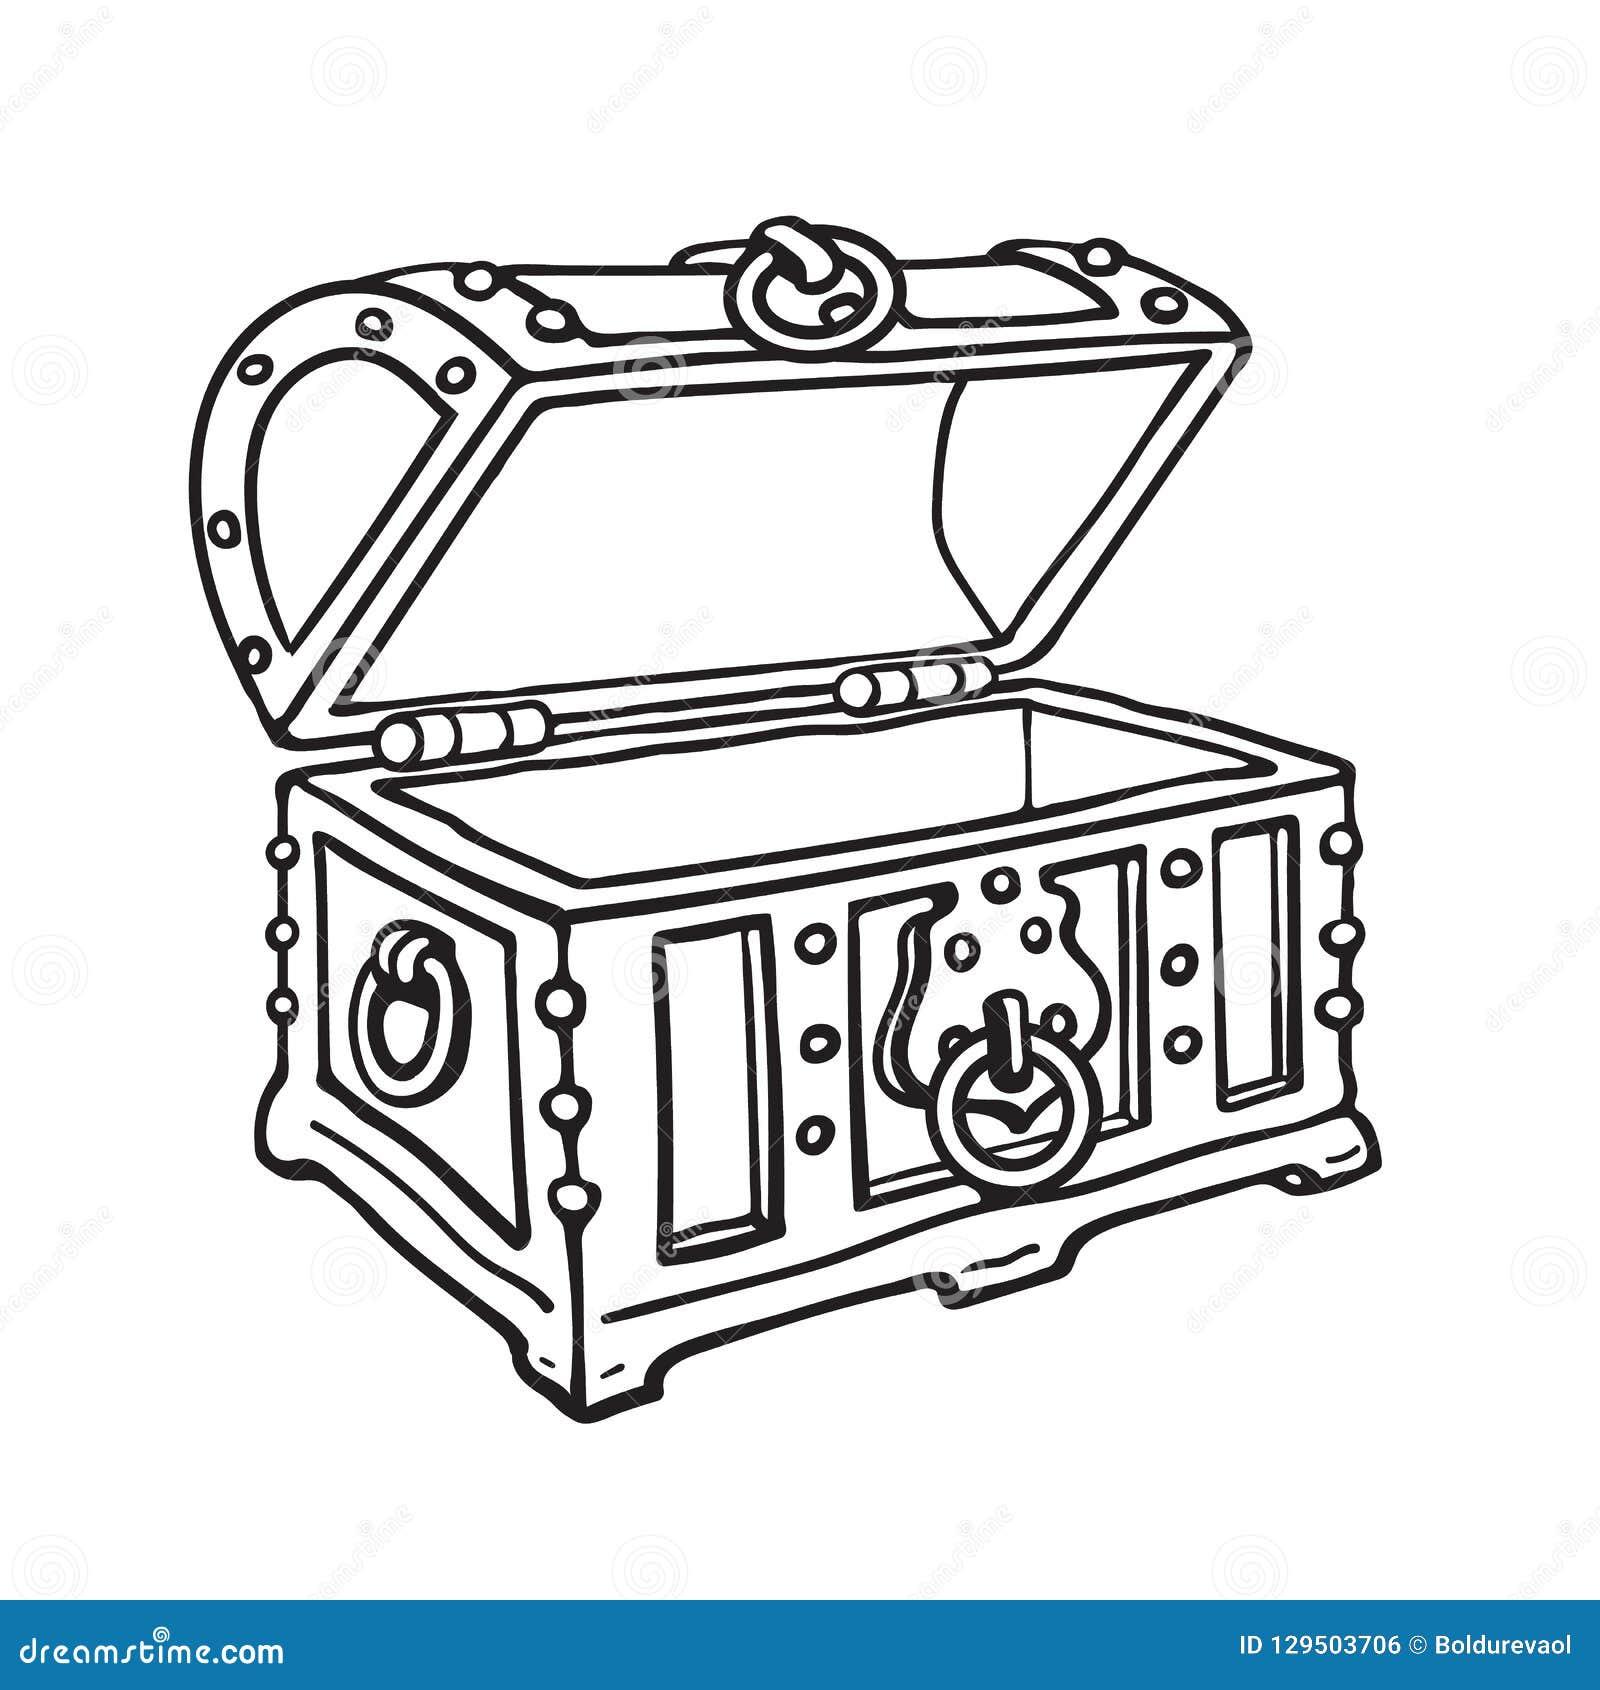 Tronco de madera abierto del cofre del tesoro vacío del pirata Ejemplo aislado dibujado mano del vector del estilo del bosquejo